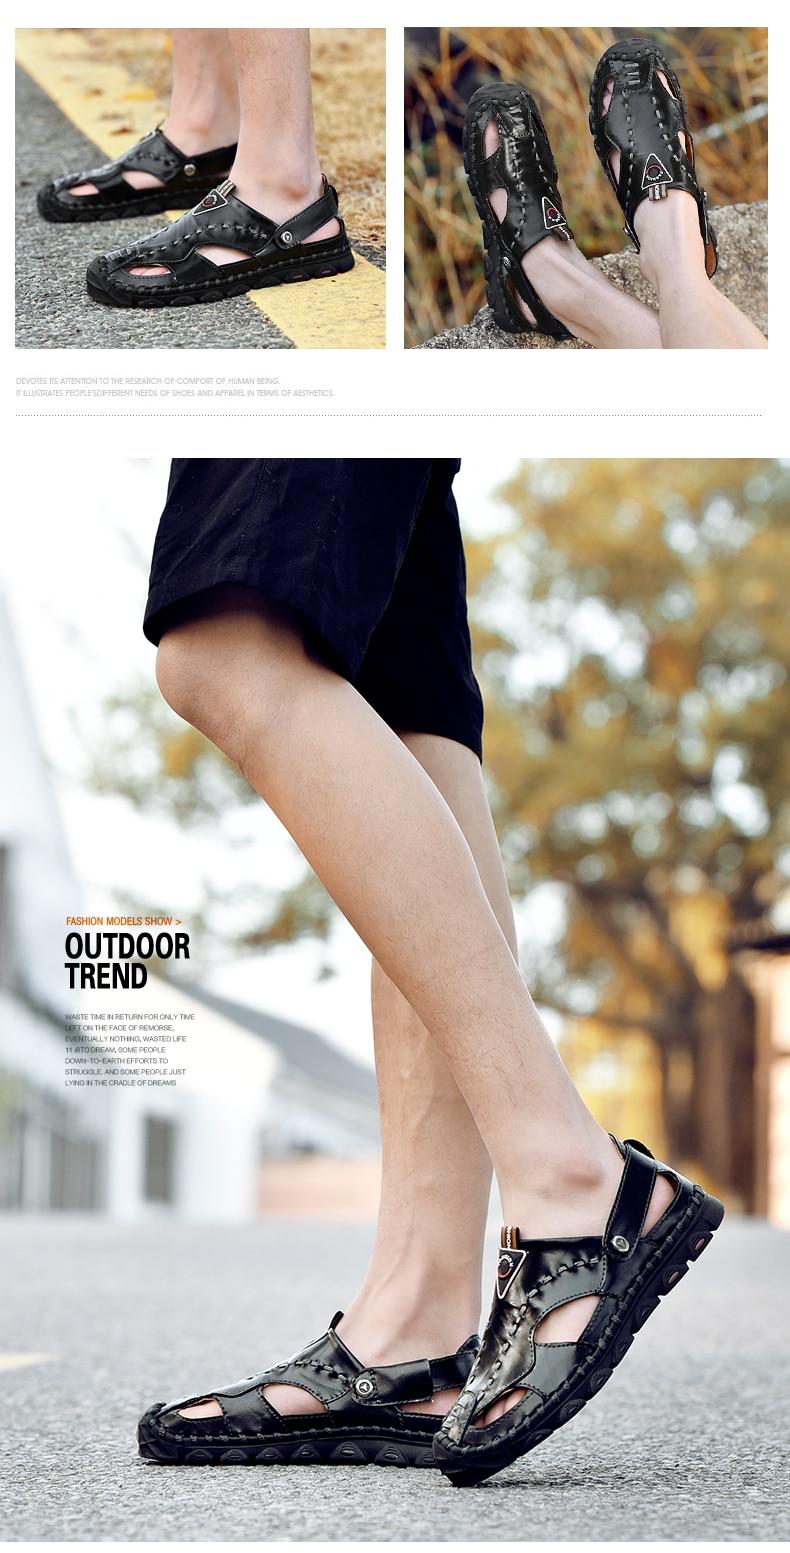 Frühling Und Sommer Pu Leder Prinzessin Schuhe Weibliche Kind Sandalen Ausschnitt Kind Einzelnen Schuhe Atmungs Niet T Schuhe Professionelles Design Sandalen